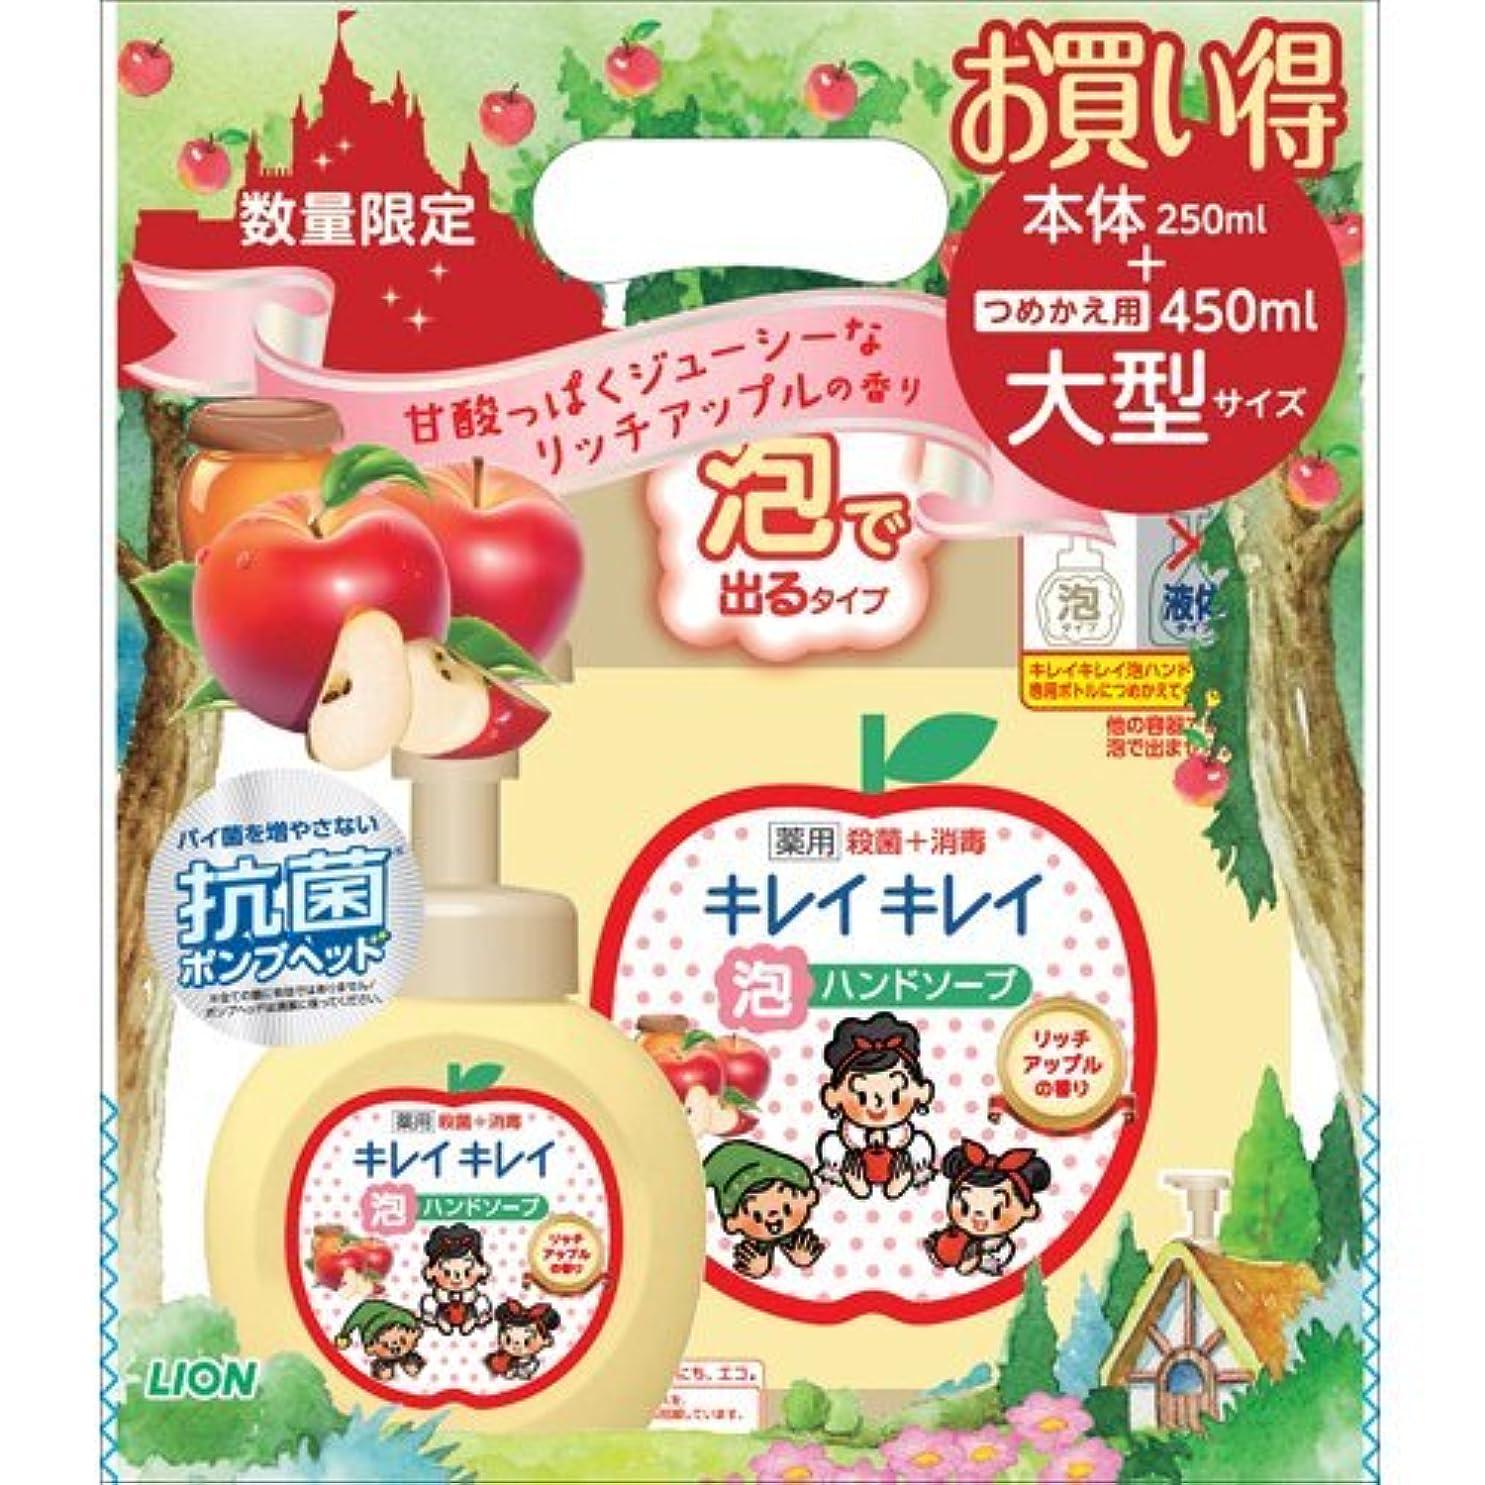 スクレーパーアブストラクト雑多なキレイキレイ 薬用泡ハンドソープ リッチアップルの香り 本体250ml+つめかえ用大型サイズ450ml